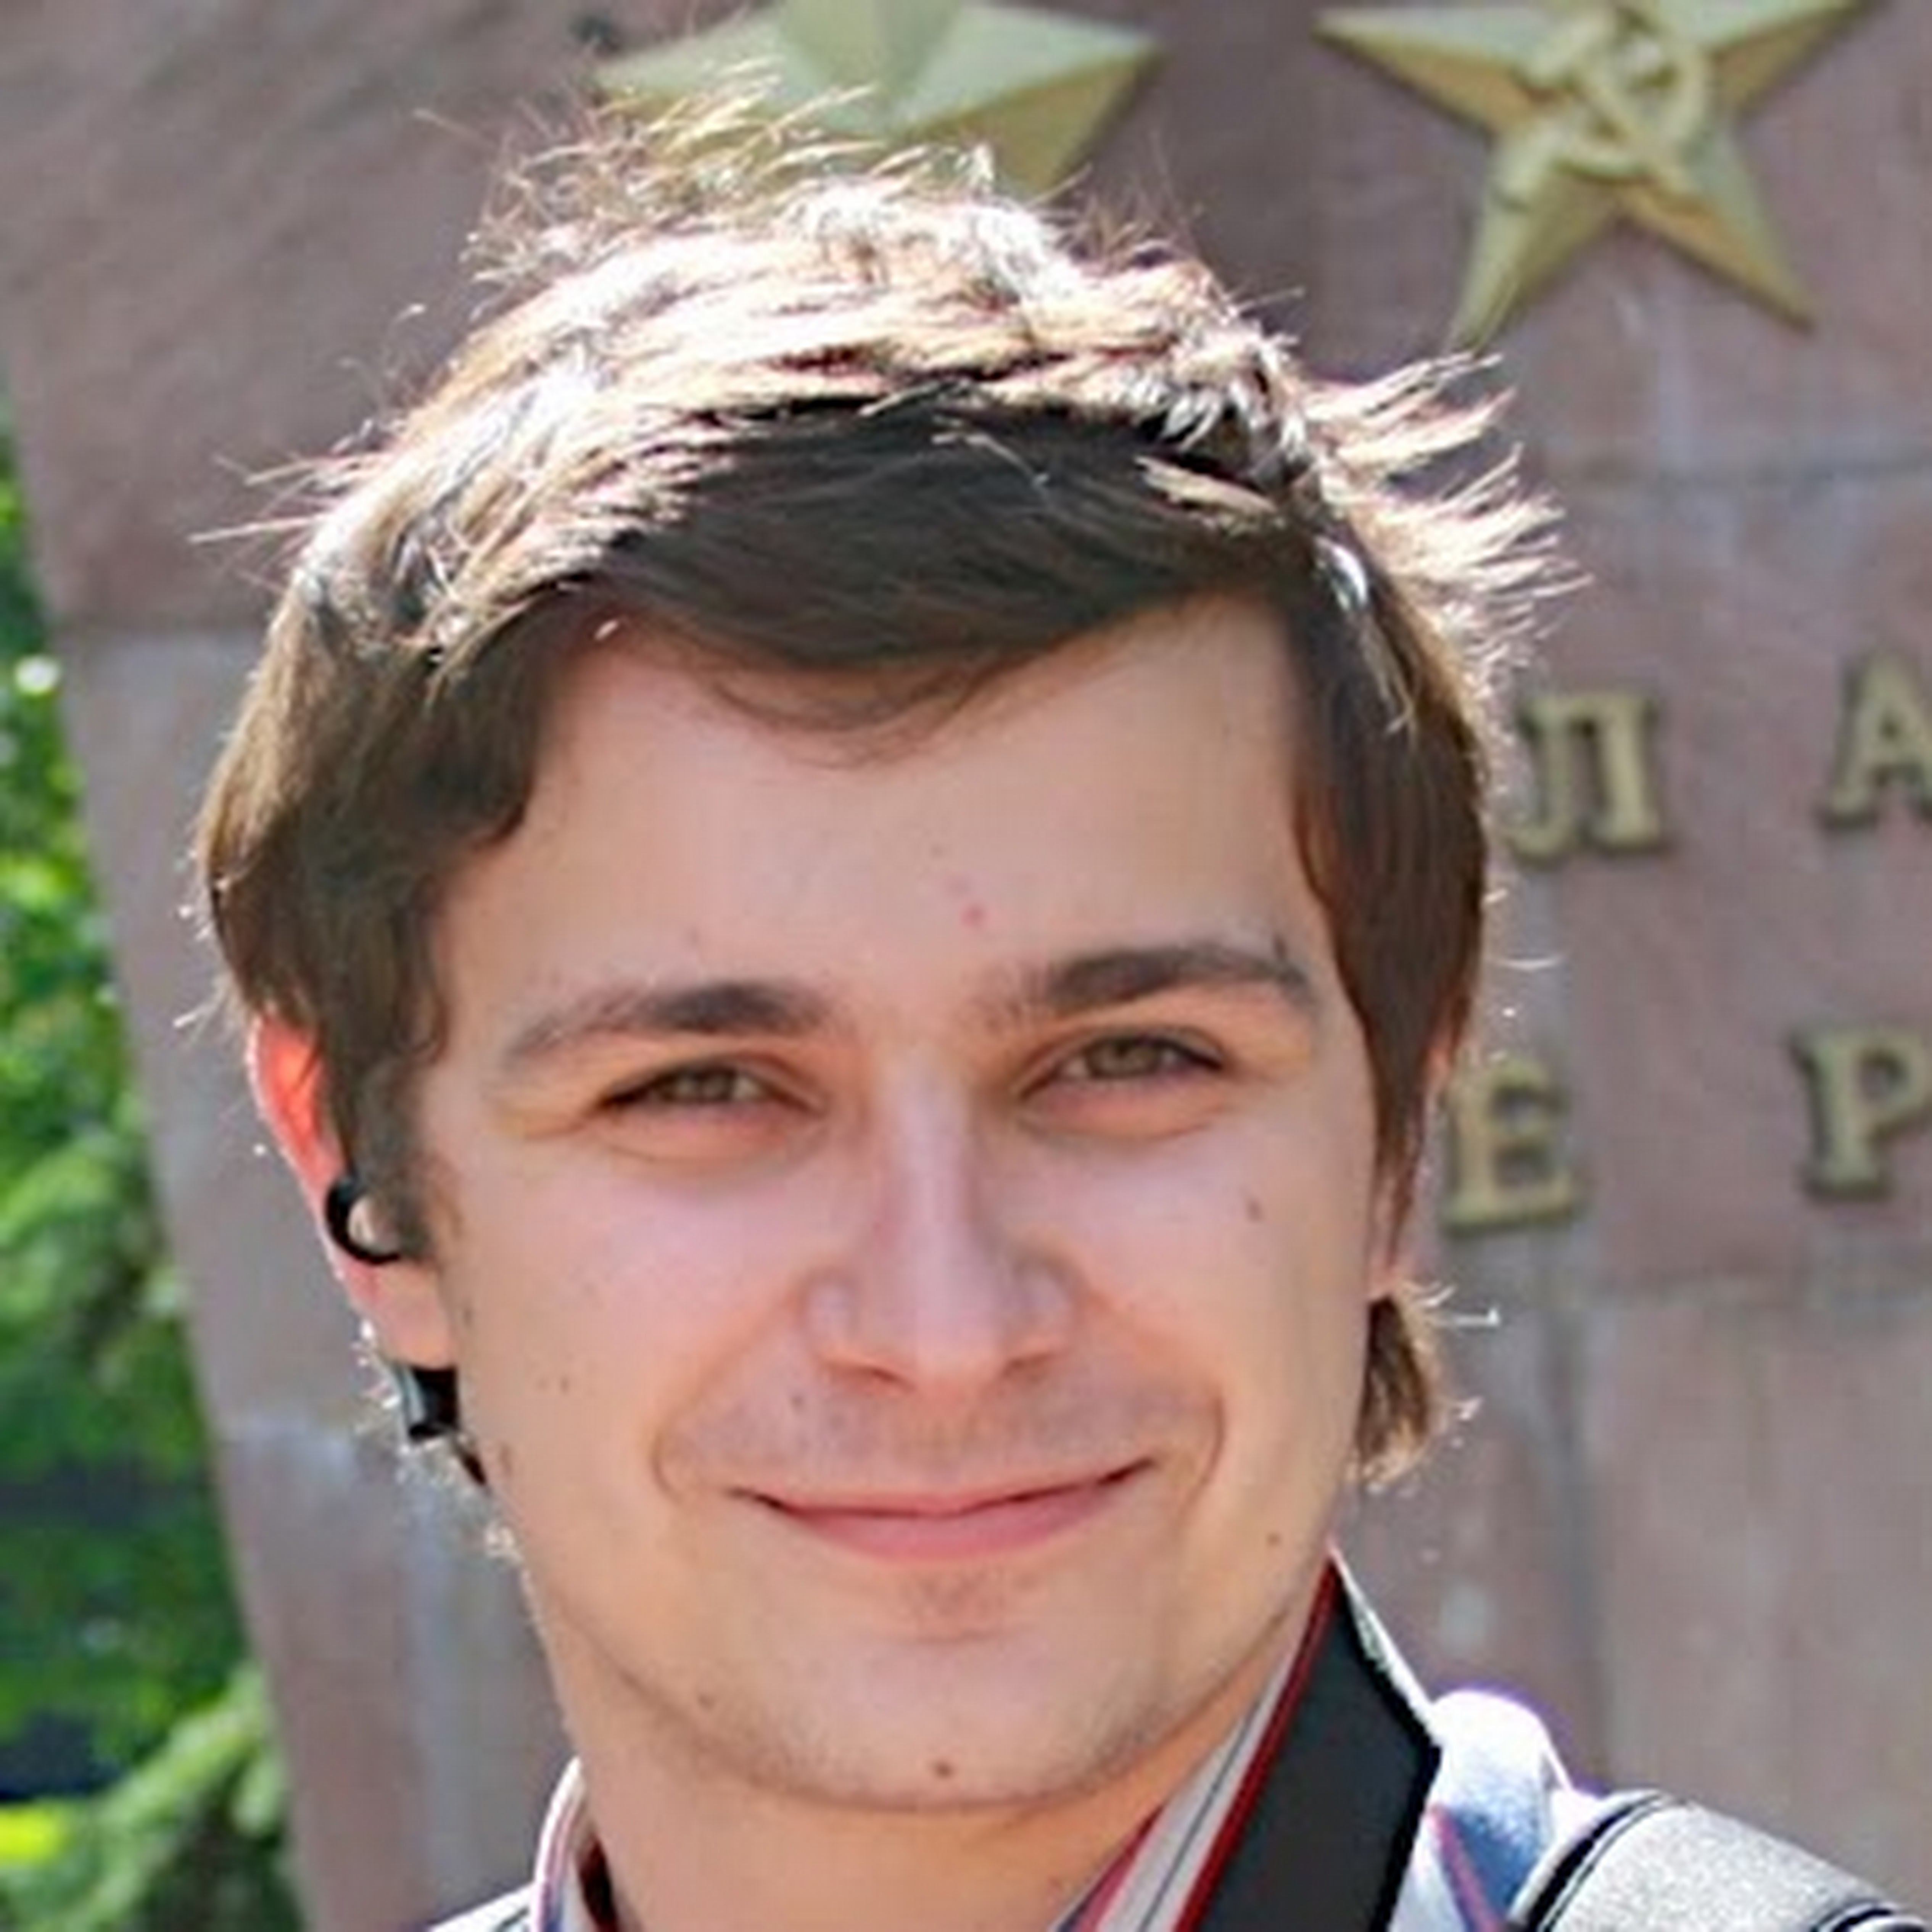 Vishnyakovpavel